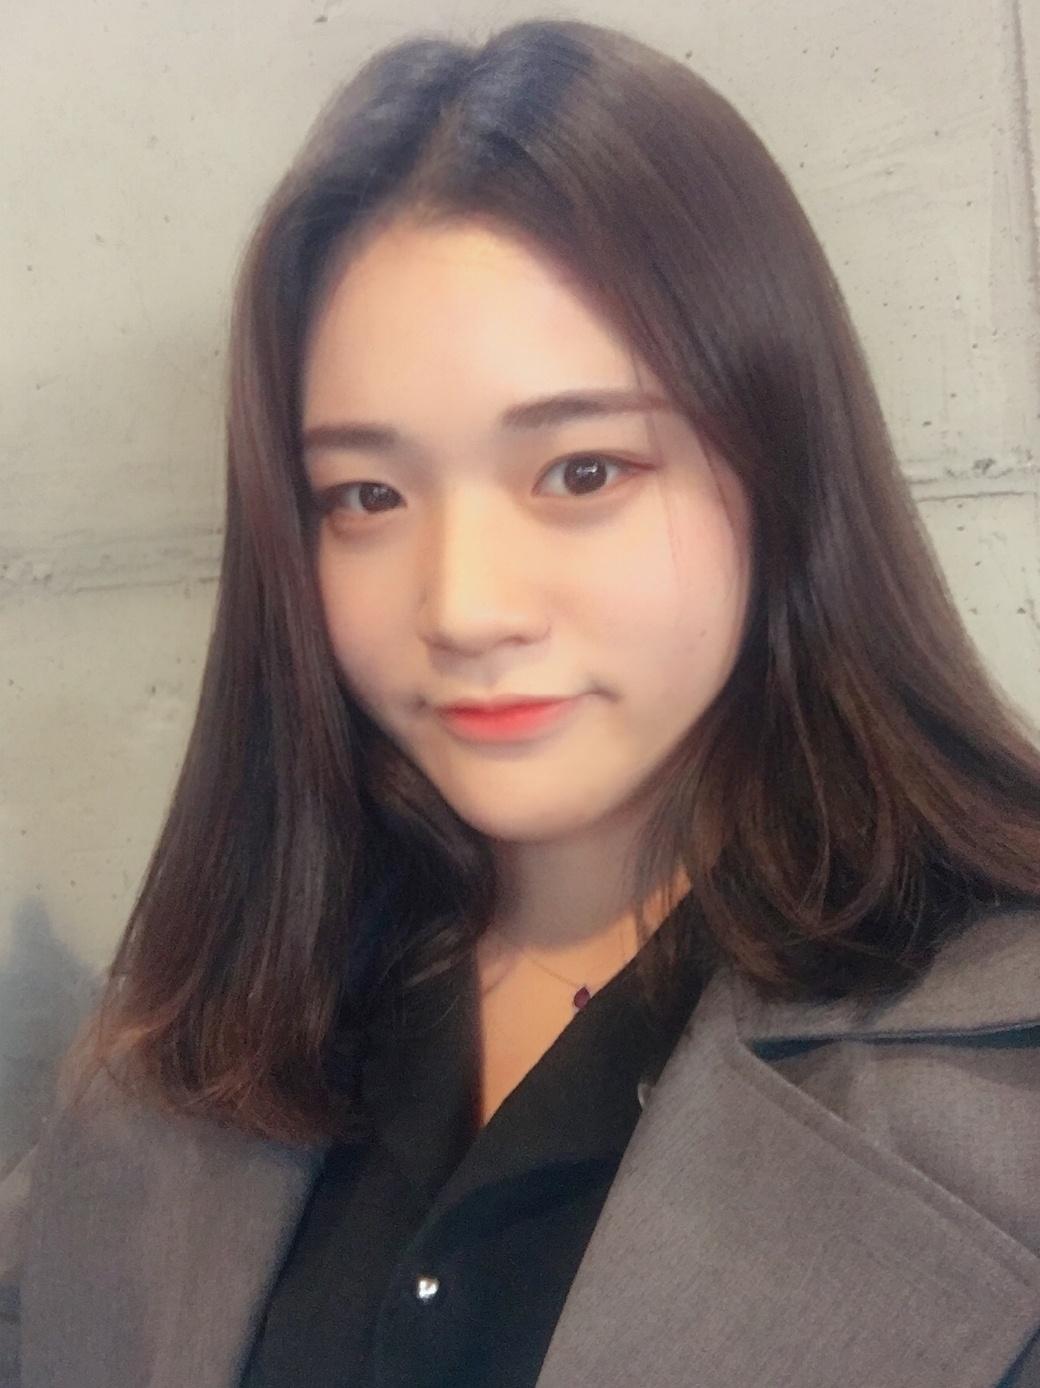 김서정 조교 사진